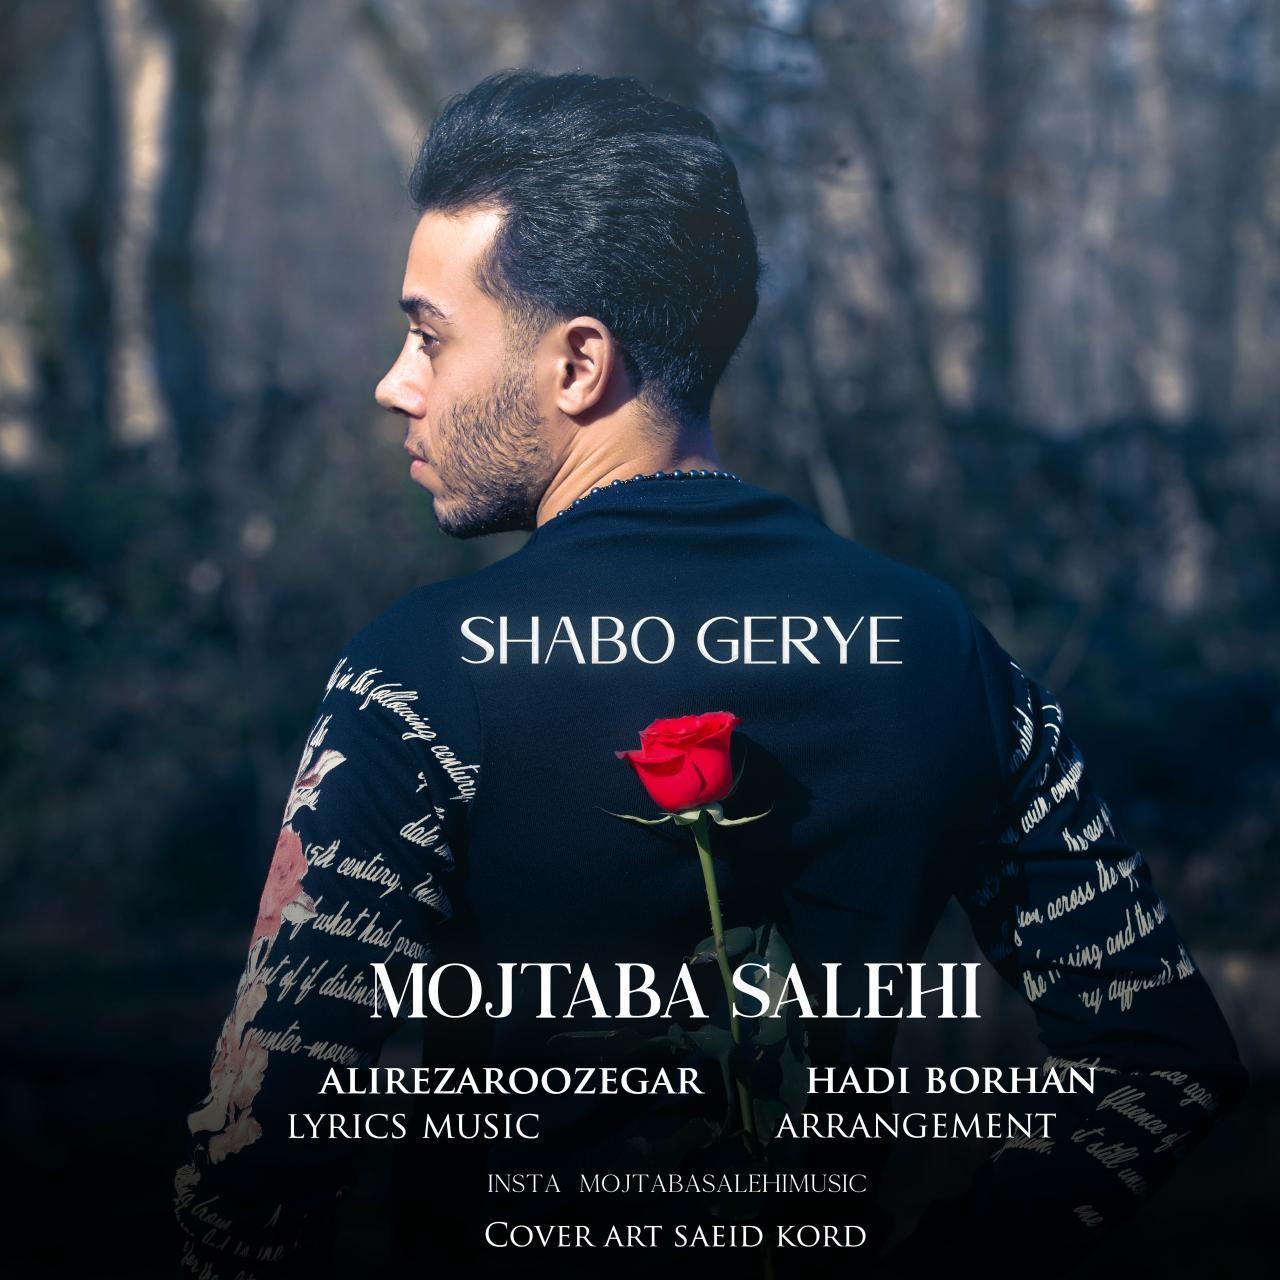 Mojtaba Salehi – Shabo Gerye